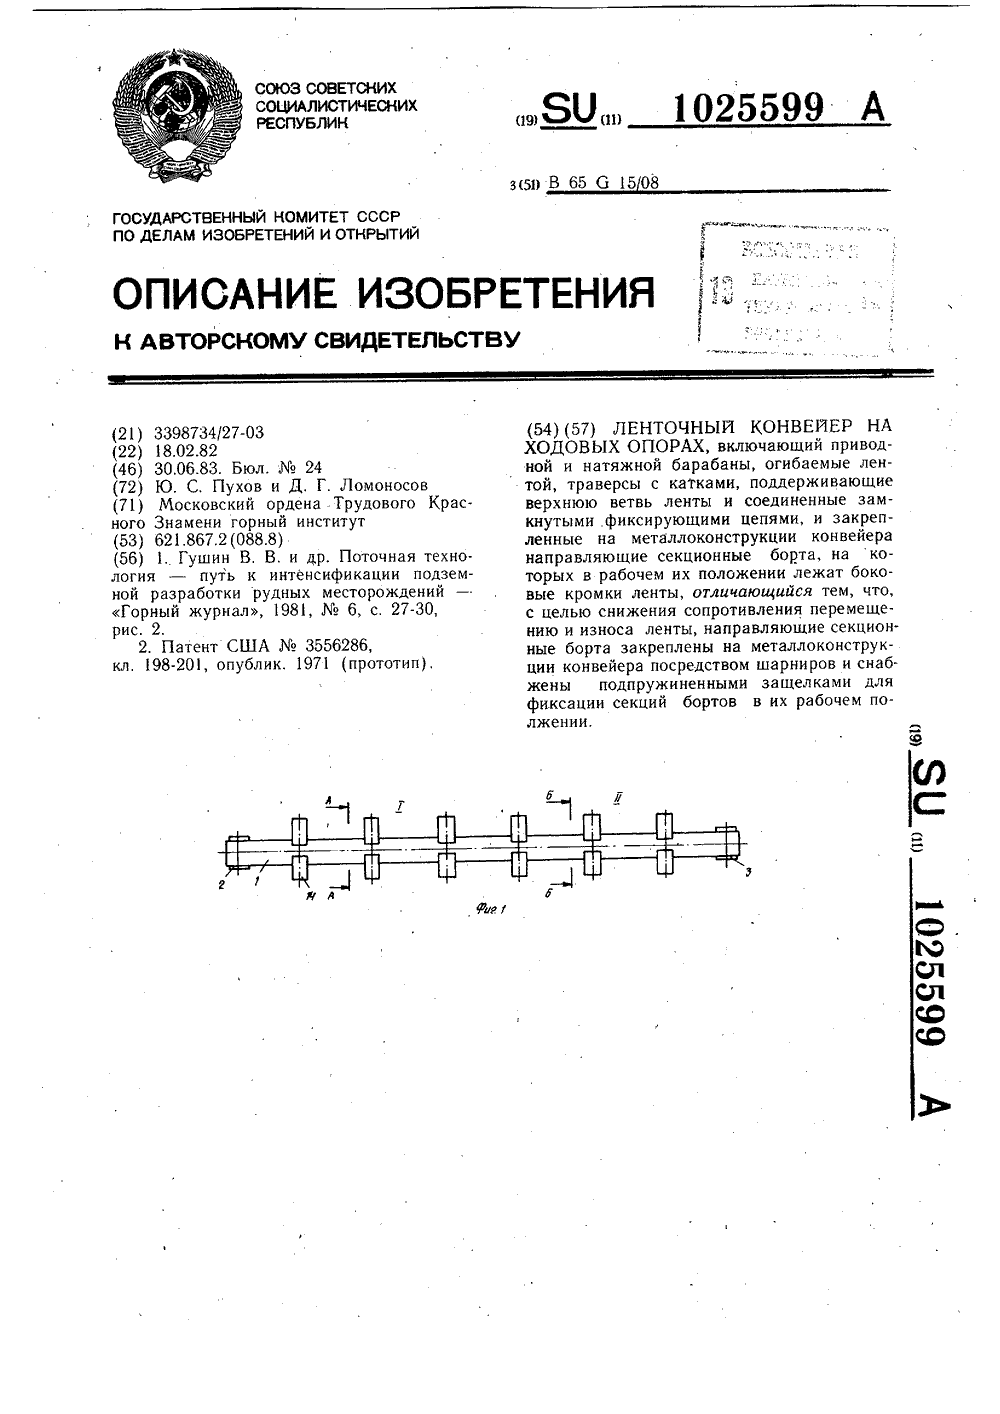 Патенты на ленточный конвейер ооо элеватор подольск